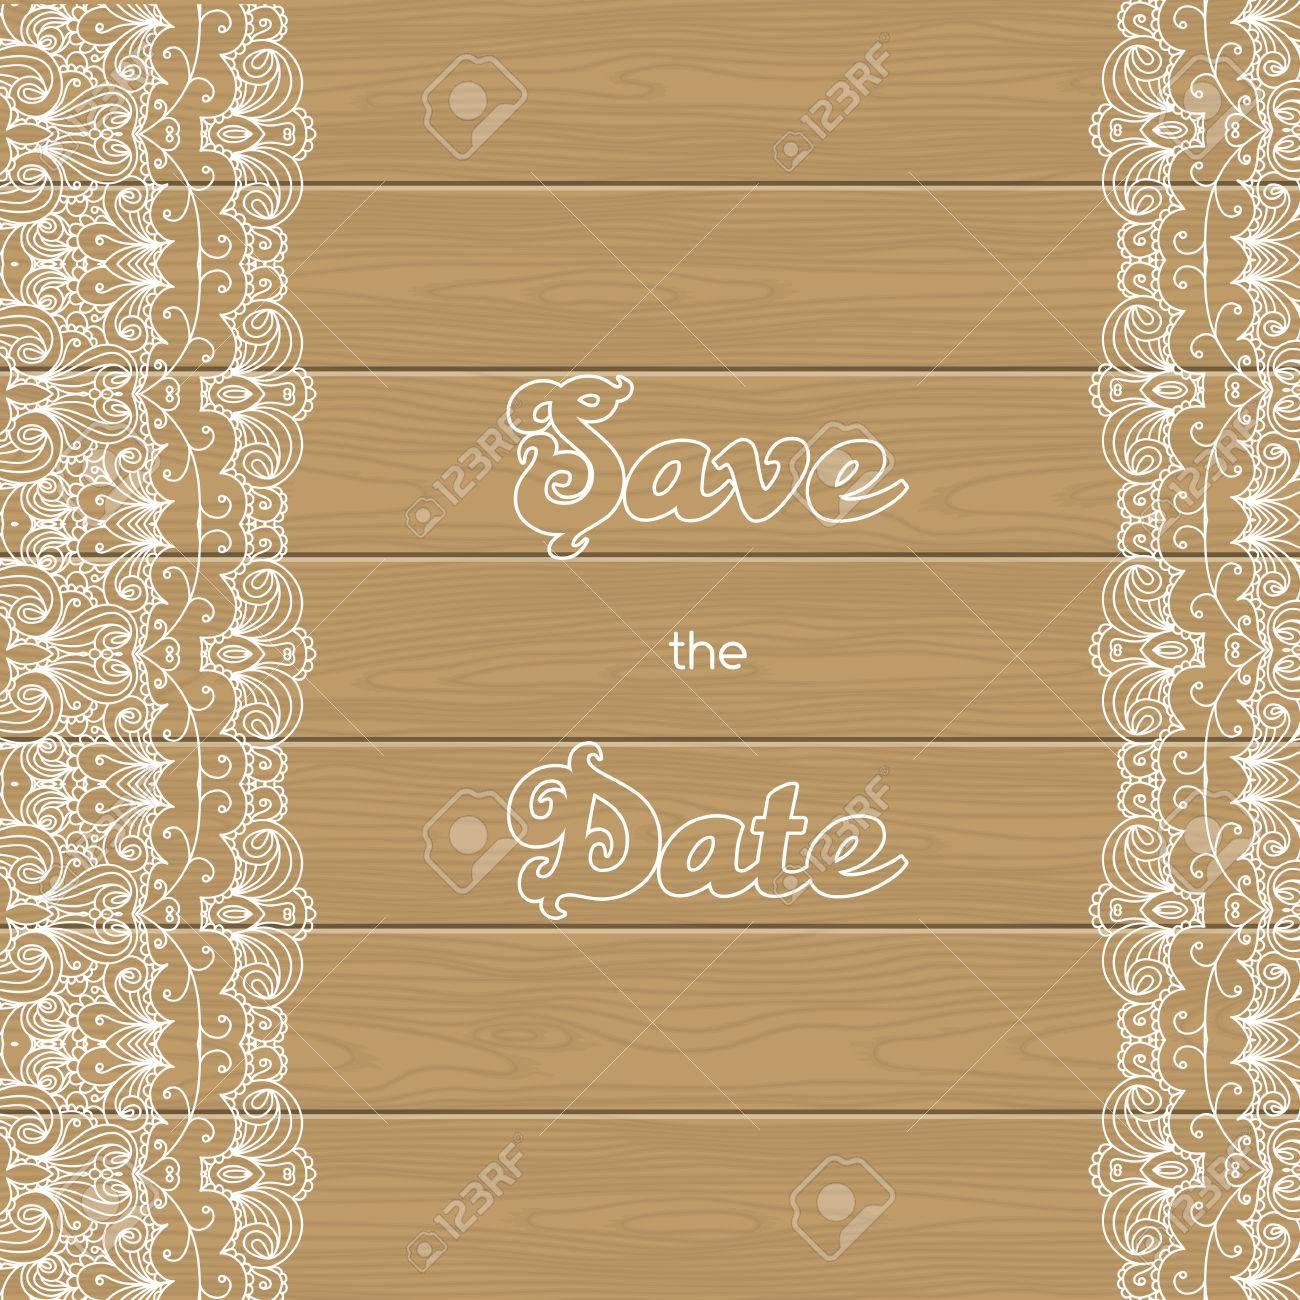 Vintage Hochzeitseinladung Mit Spitzenbordure Holz Hintergrund